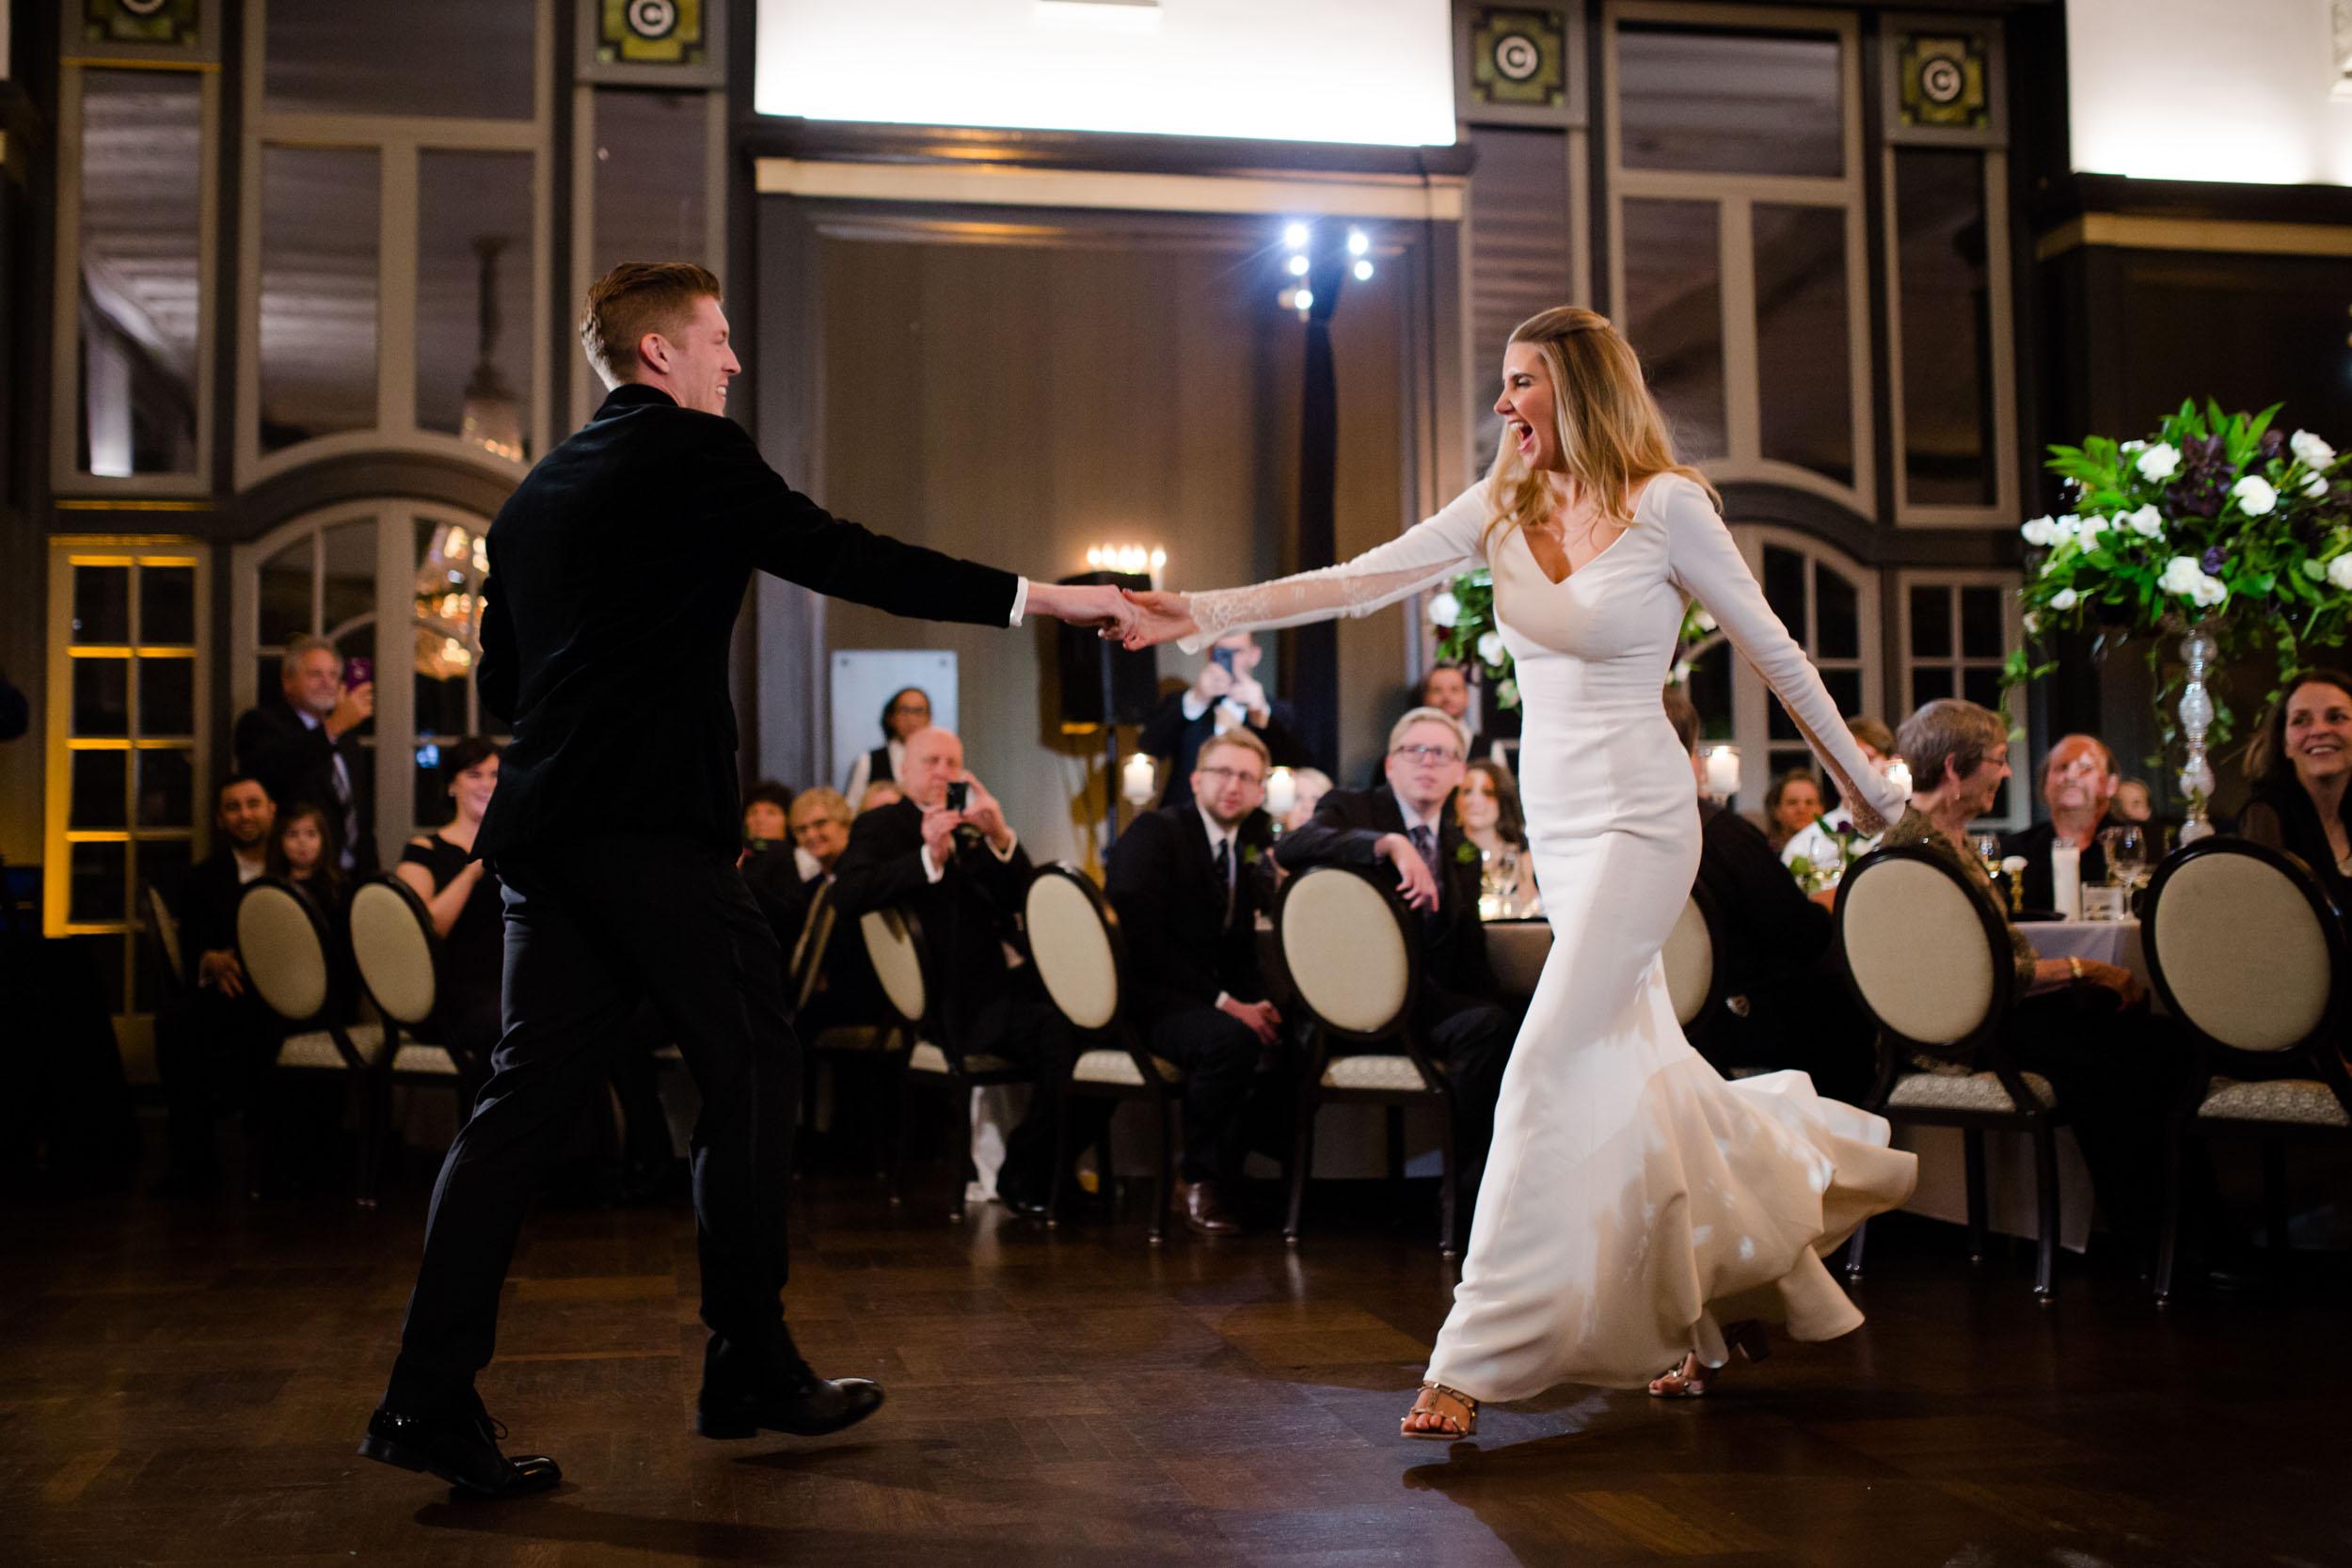 chicago-wedding-photos-studio-this-is-jack-schroeder-69.jpg